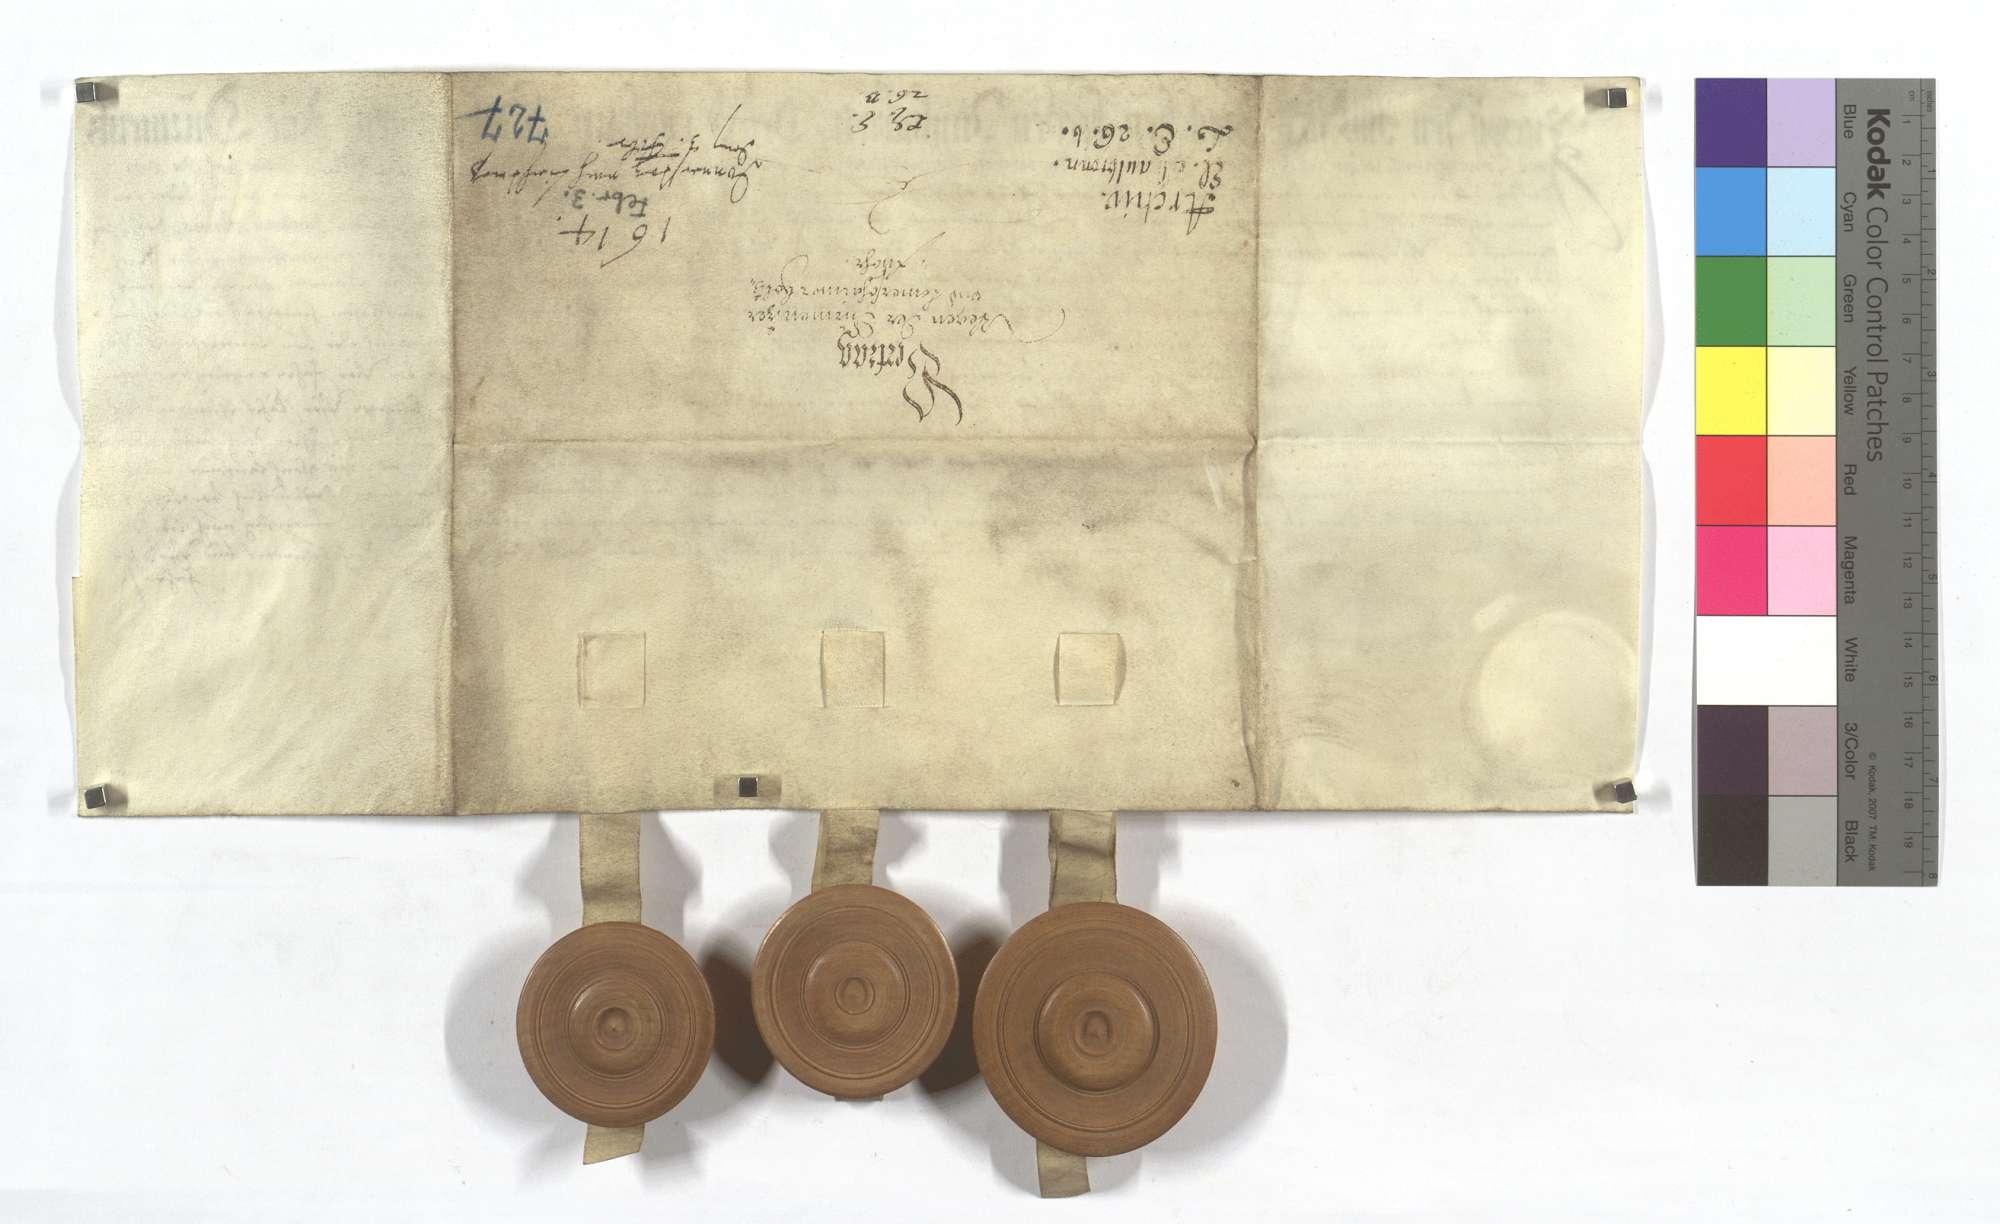 Vertrag über die zwischen Dürrmenz und Lomersheim strittige Holzfuhr., Rückseite